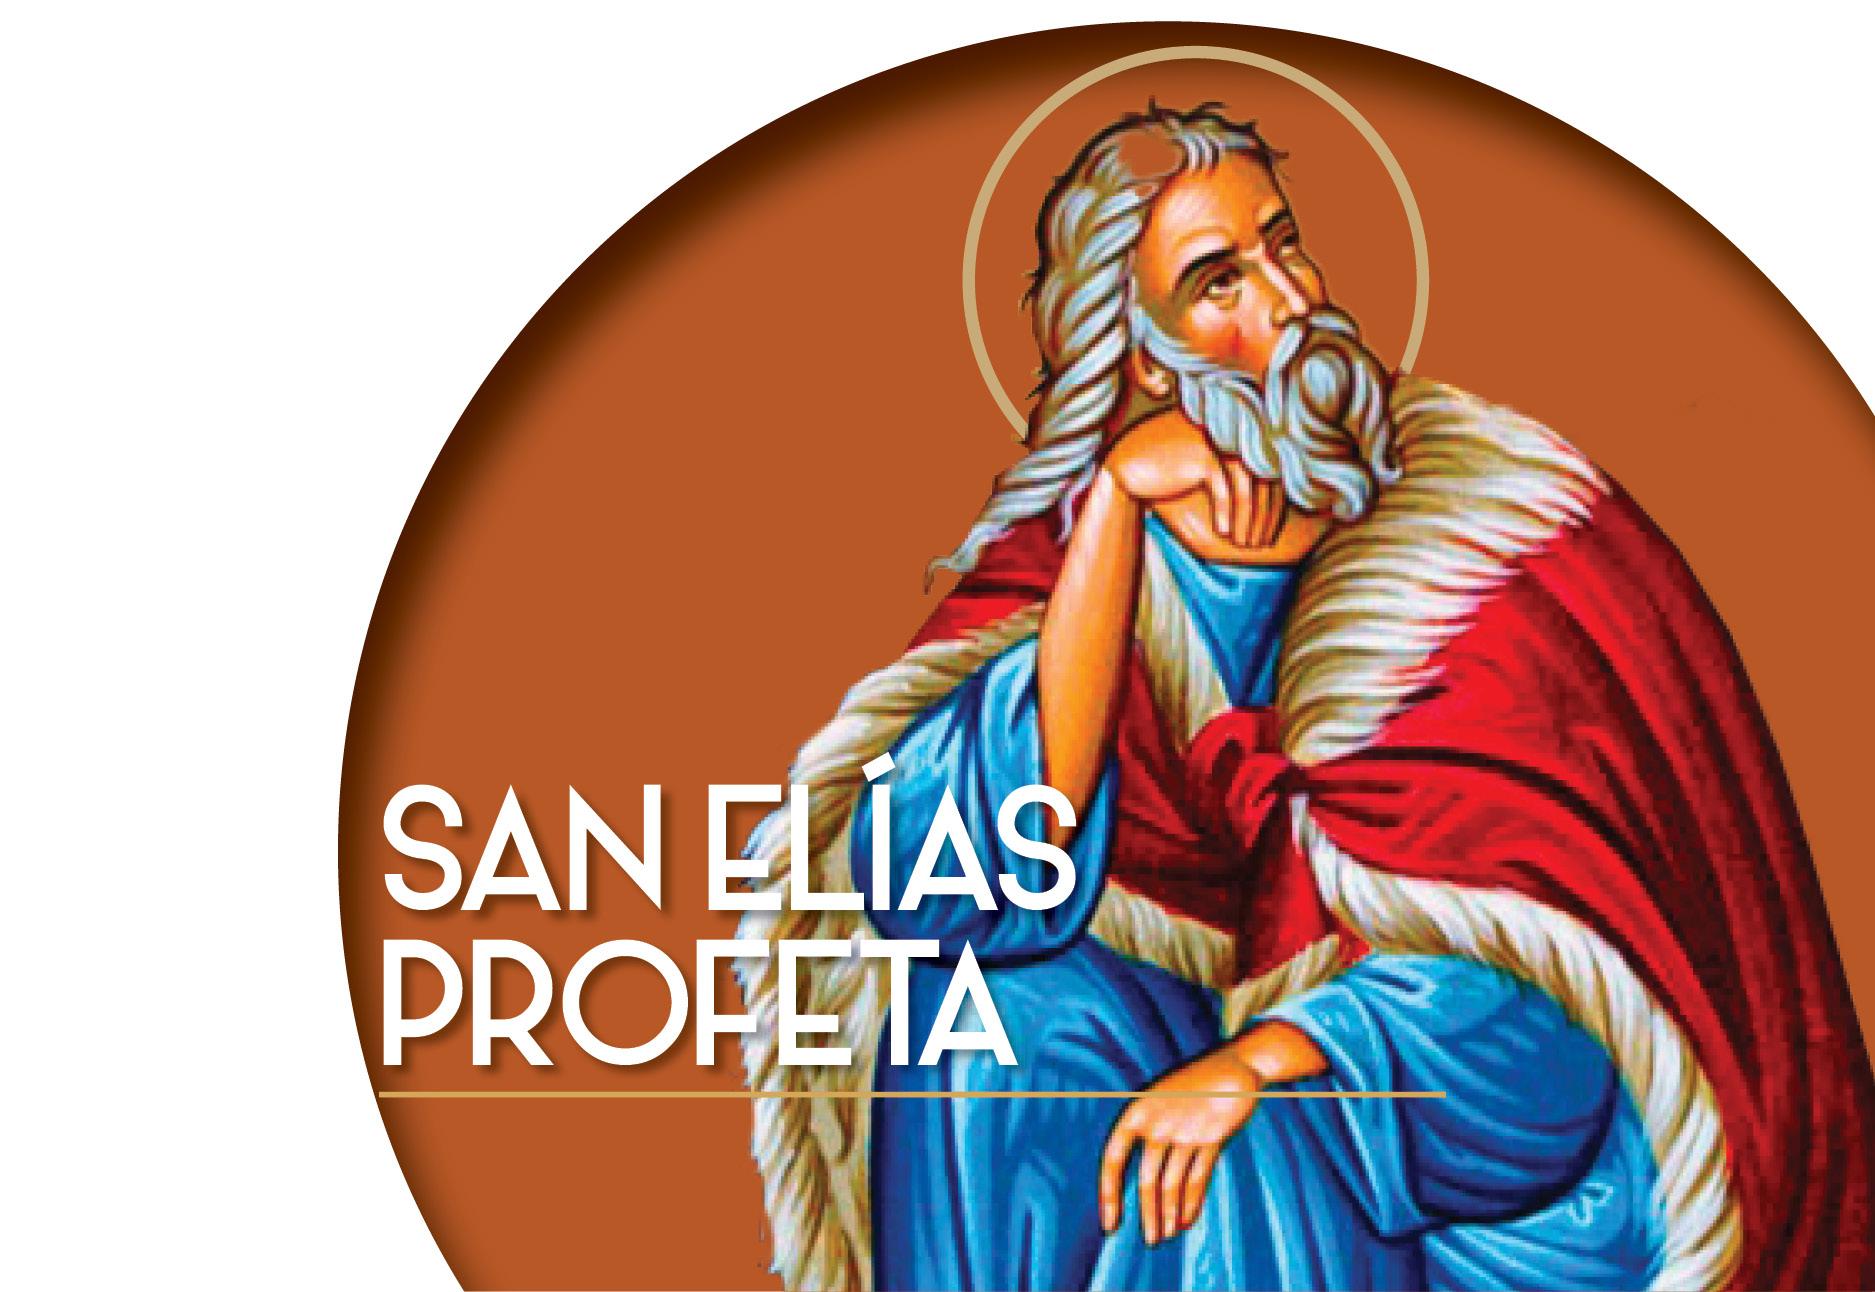 san elias profeta